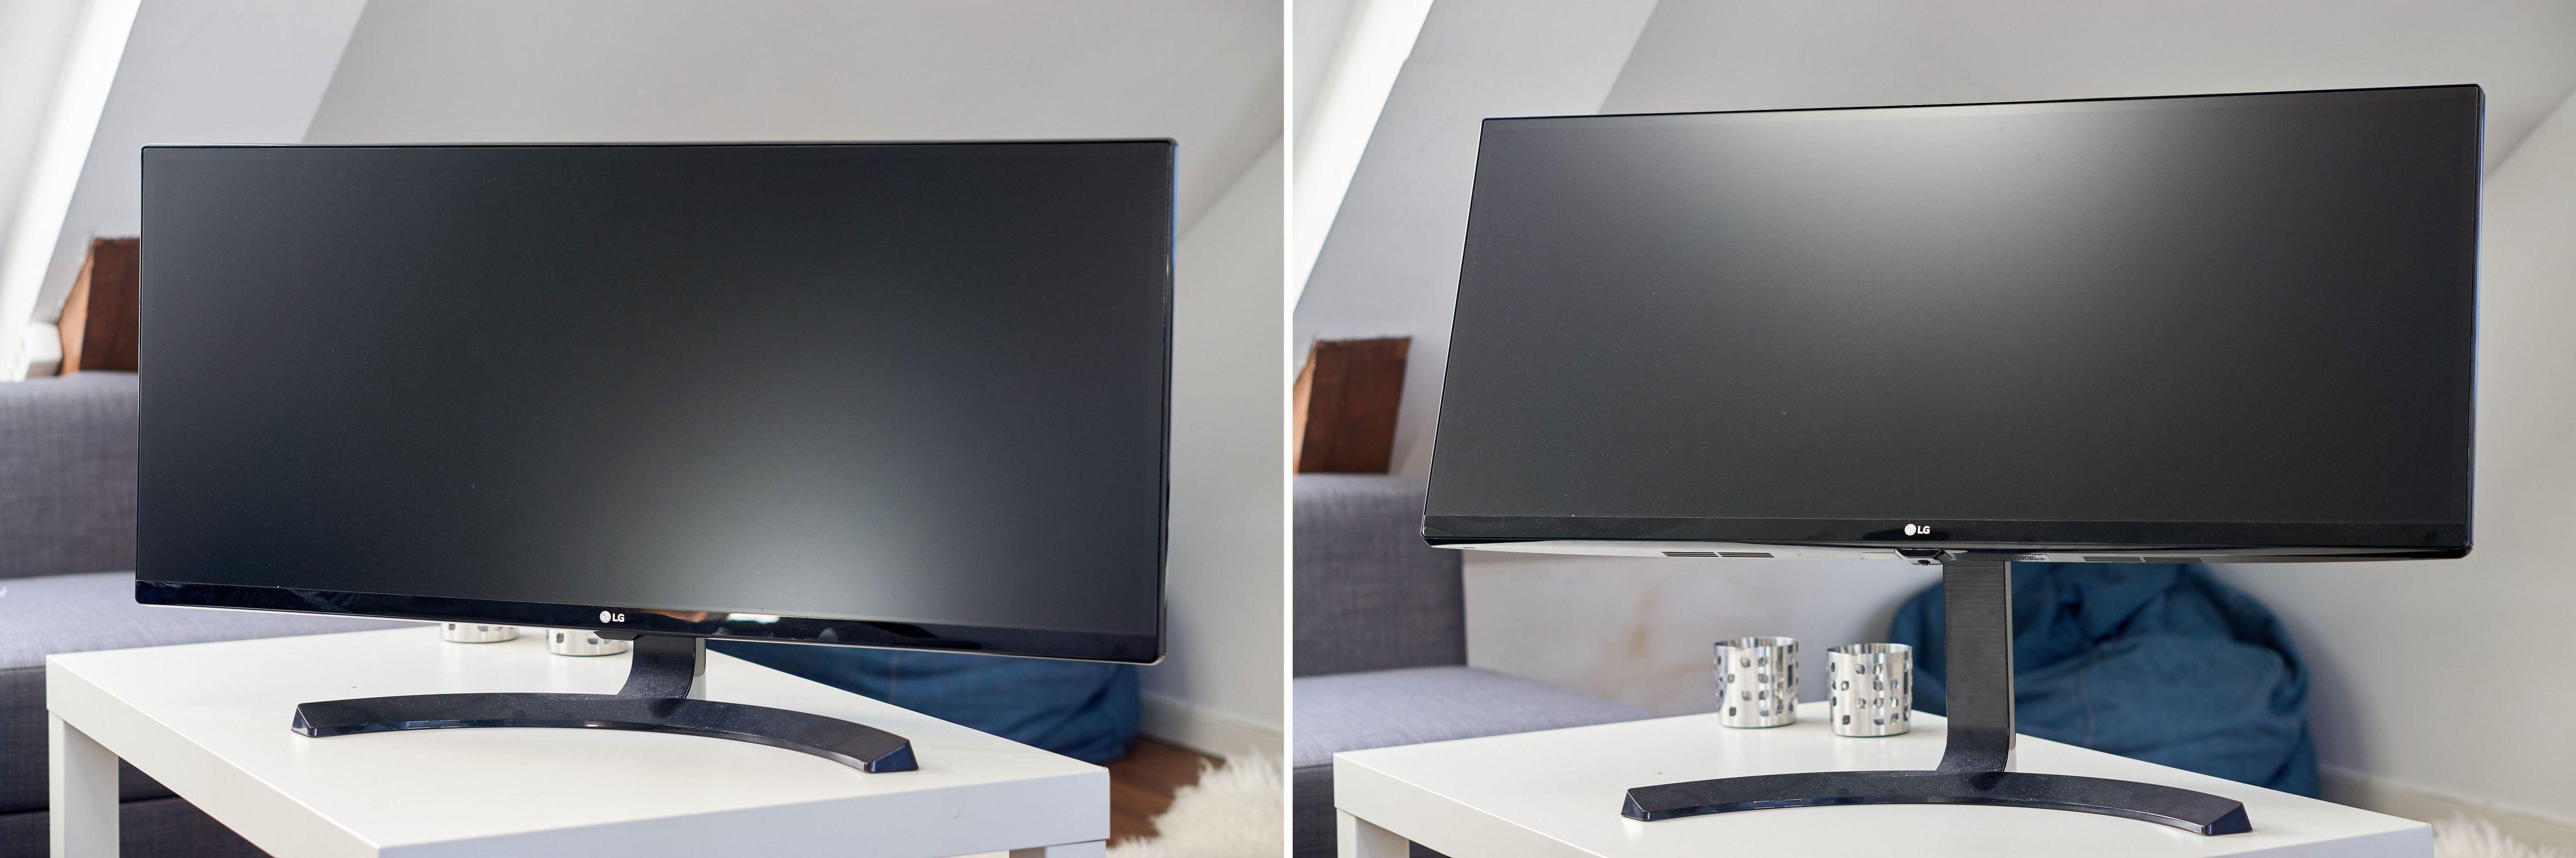 Skjermen kan både vippes fremover og bakover, samt senkes eller heves. I bildet til høyre er posisjonen både maksimal høyde og maksimal tilt fremover.